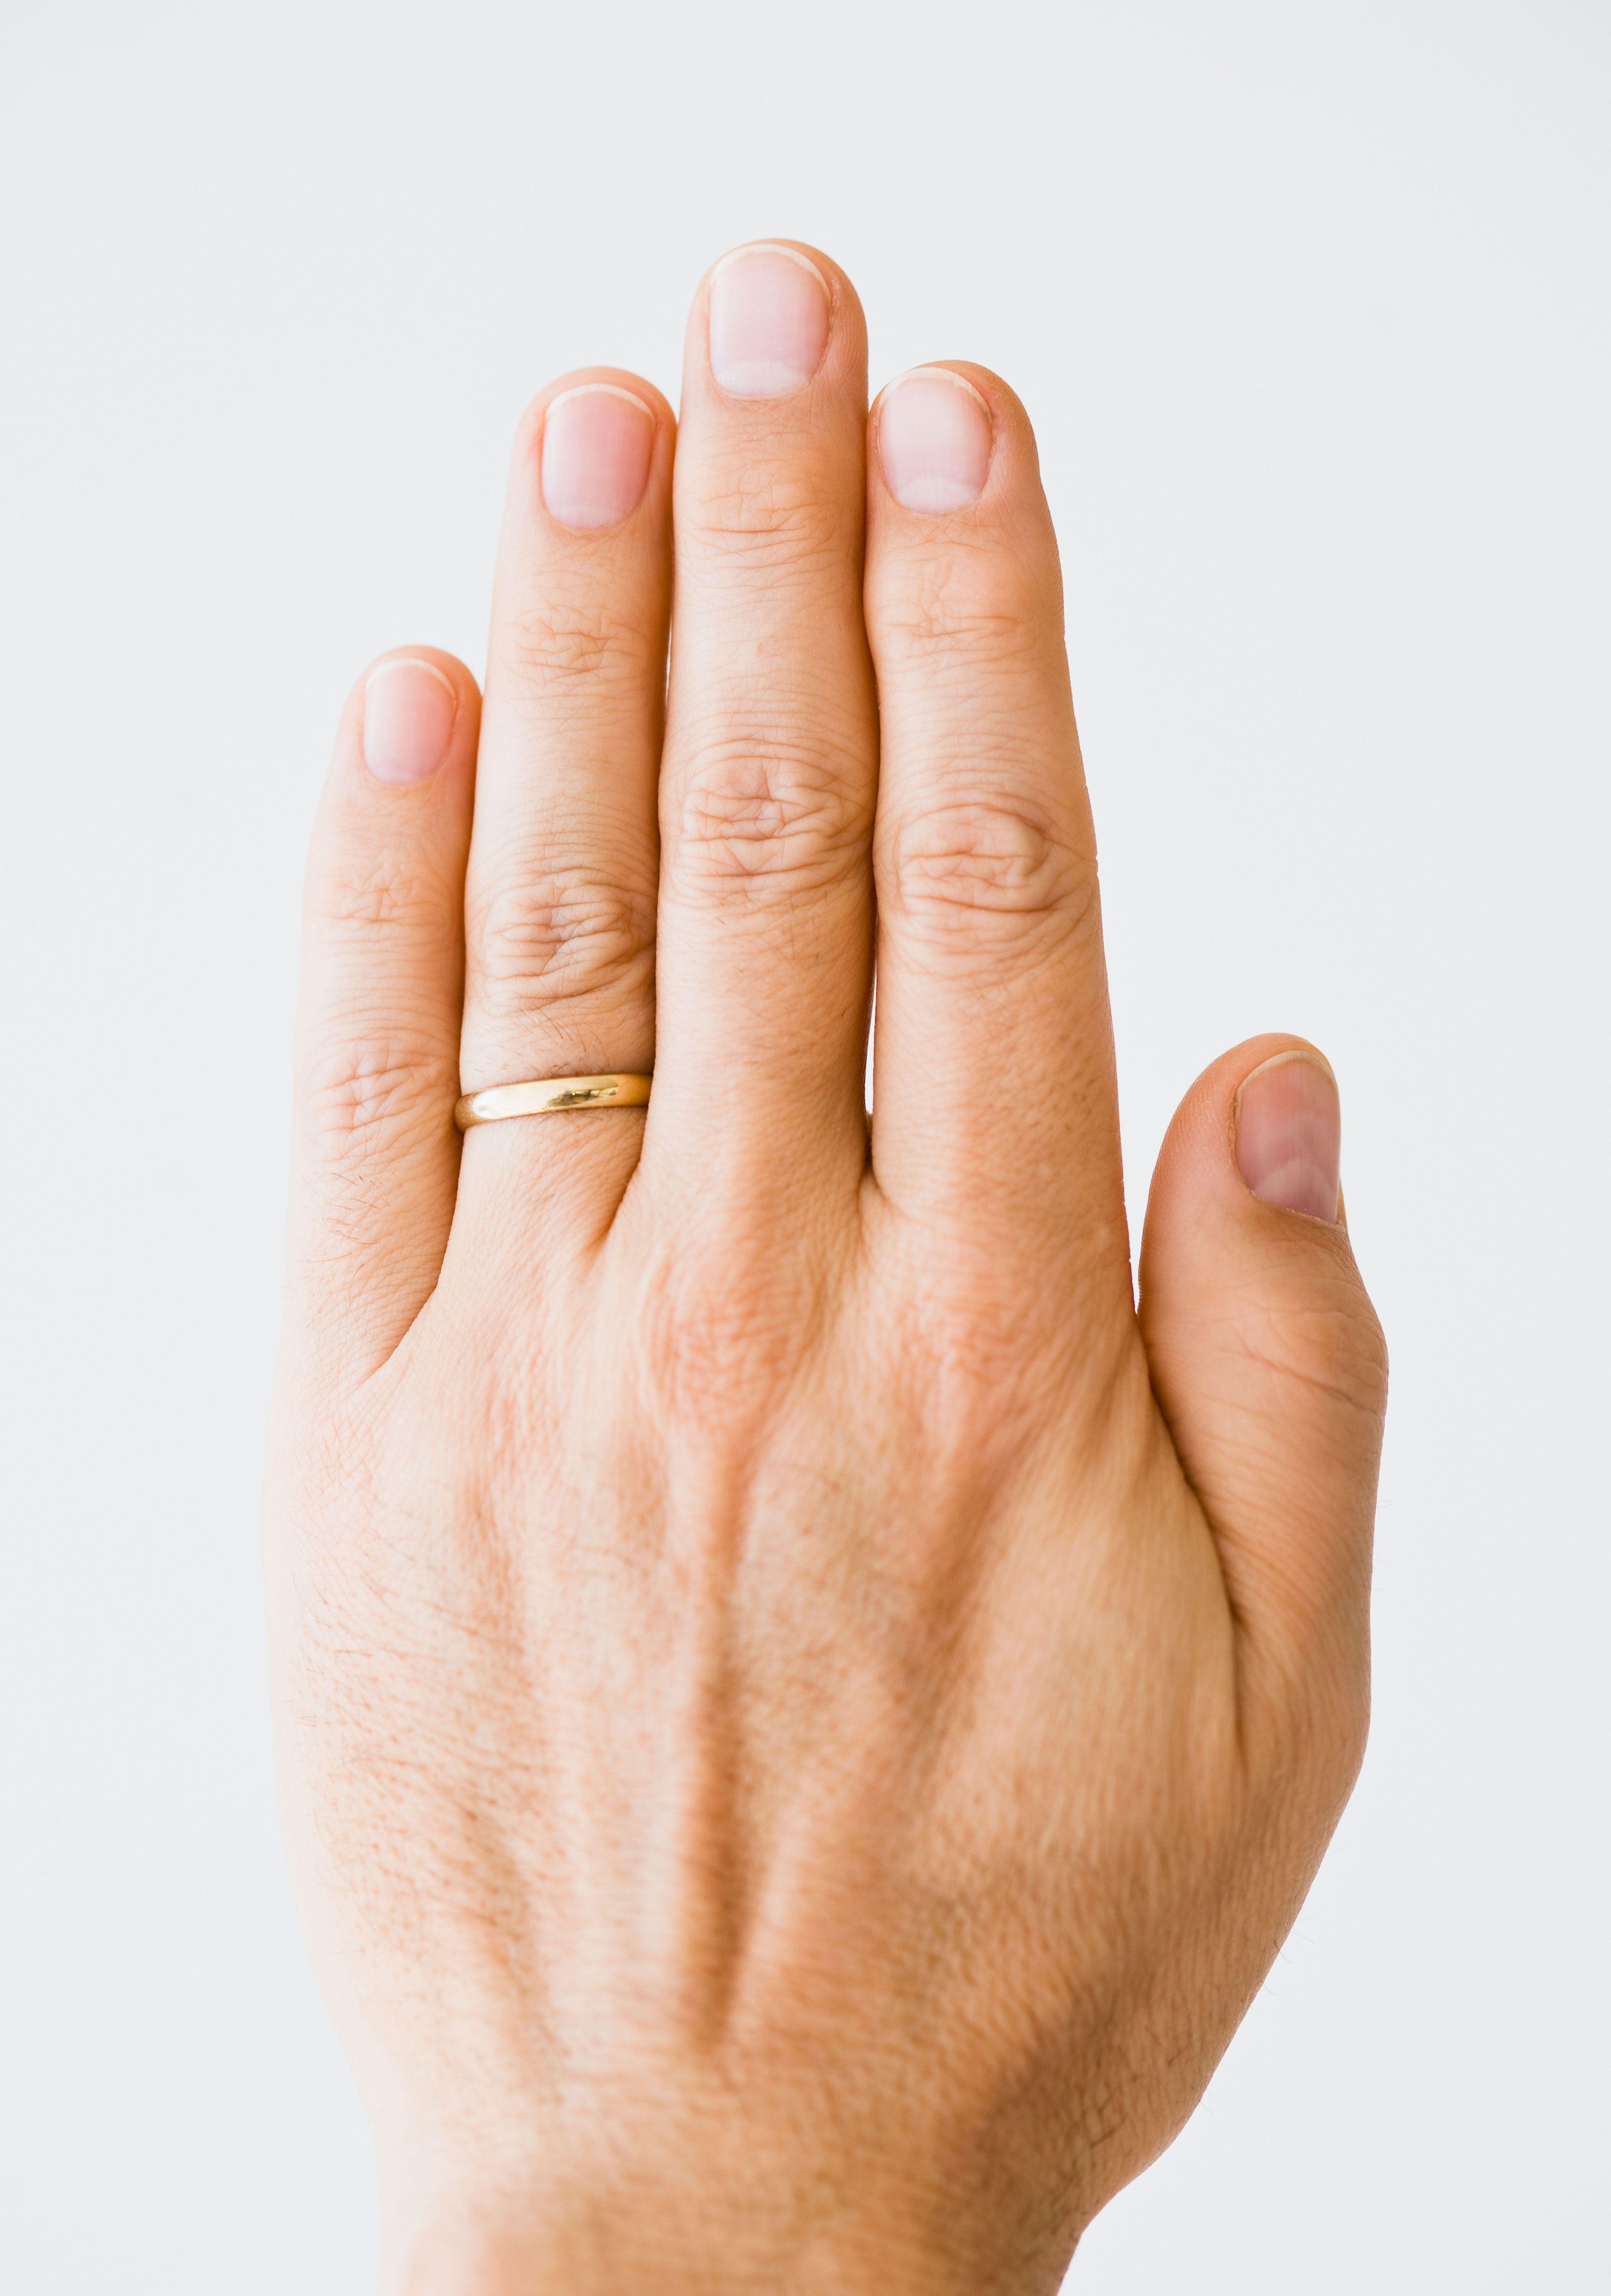 15marriedmanhand4223887794.jpg (3501×4990) hand